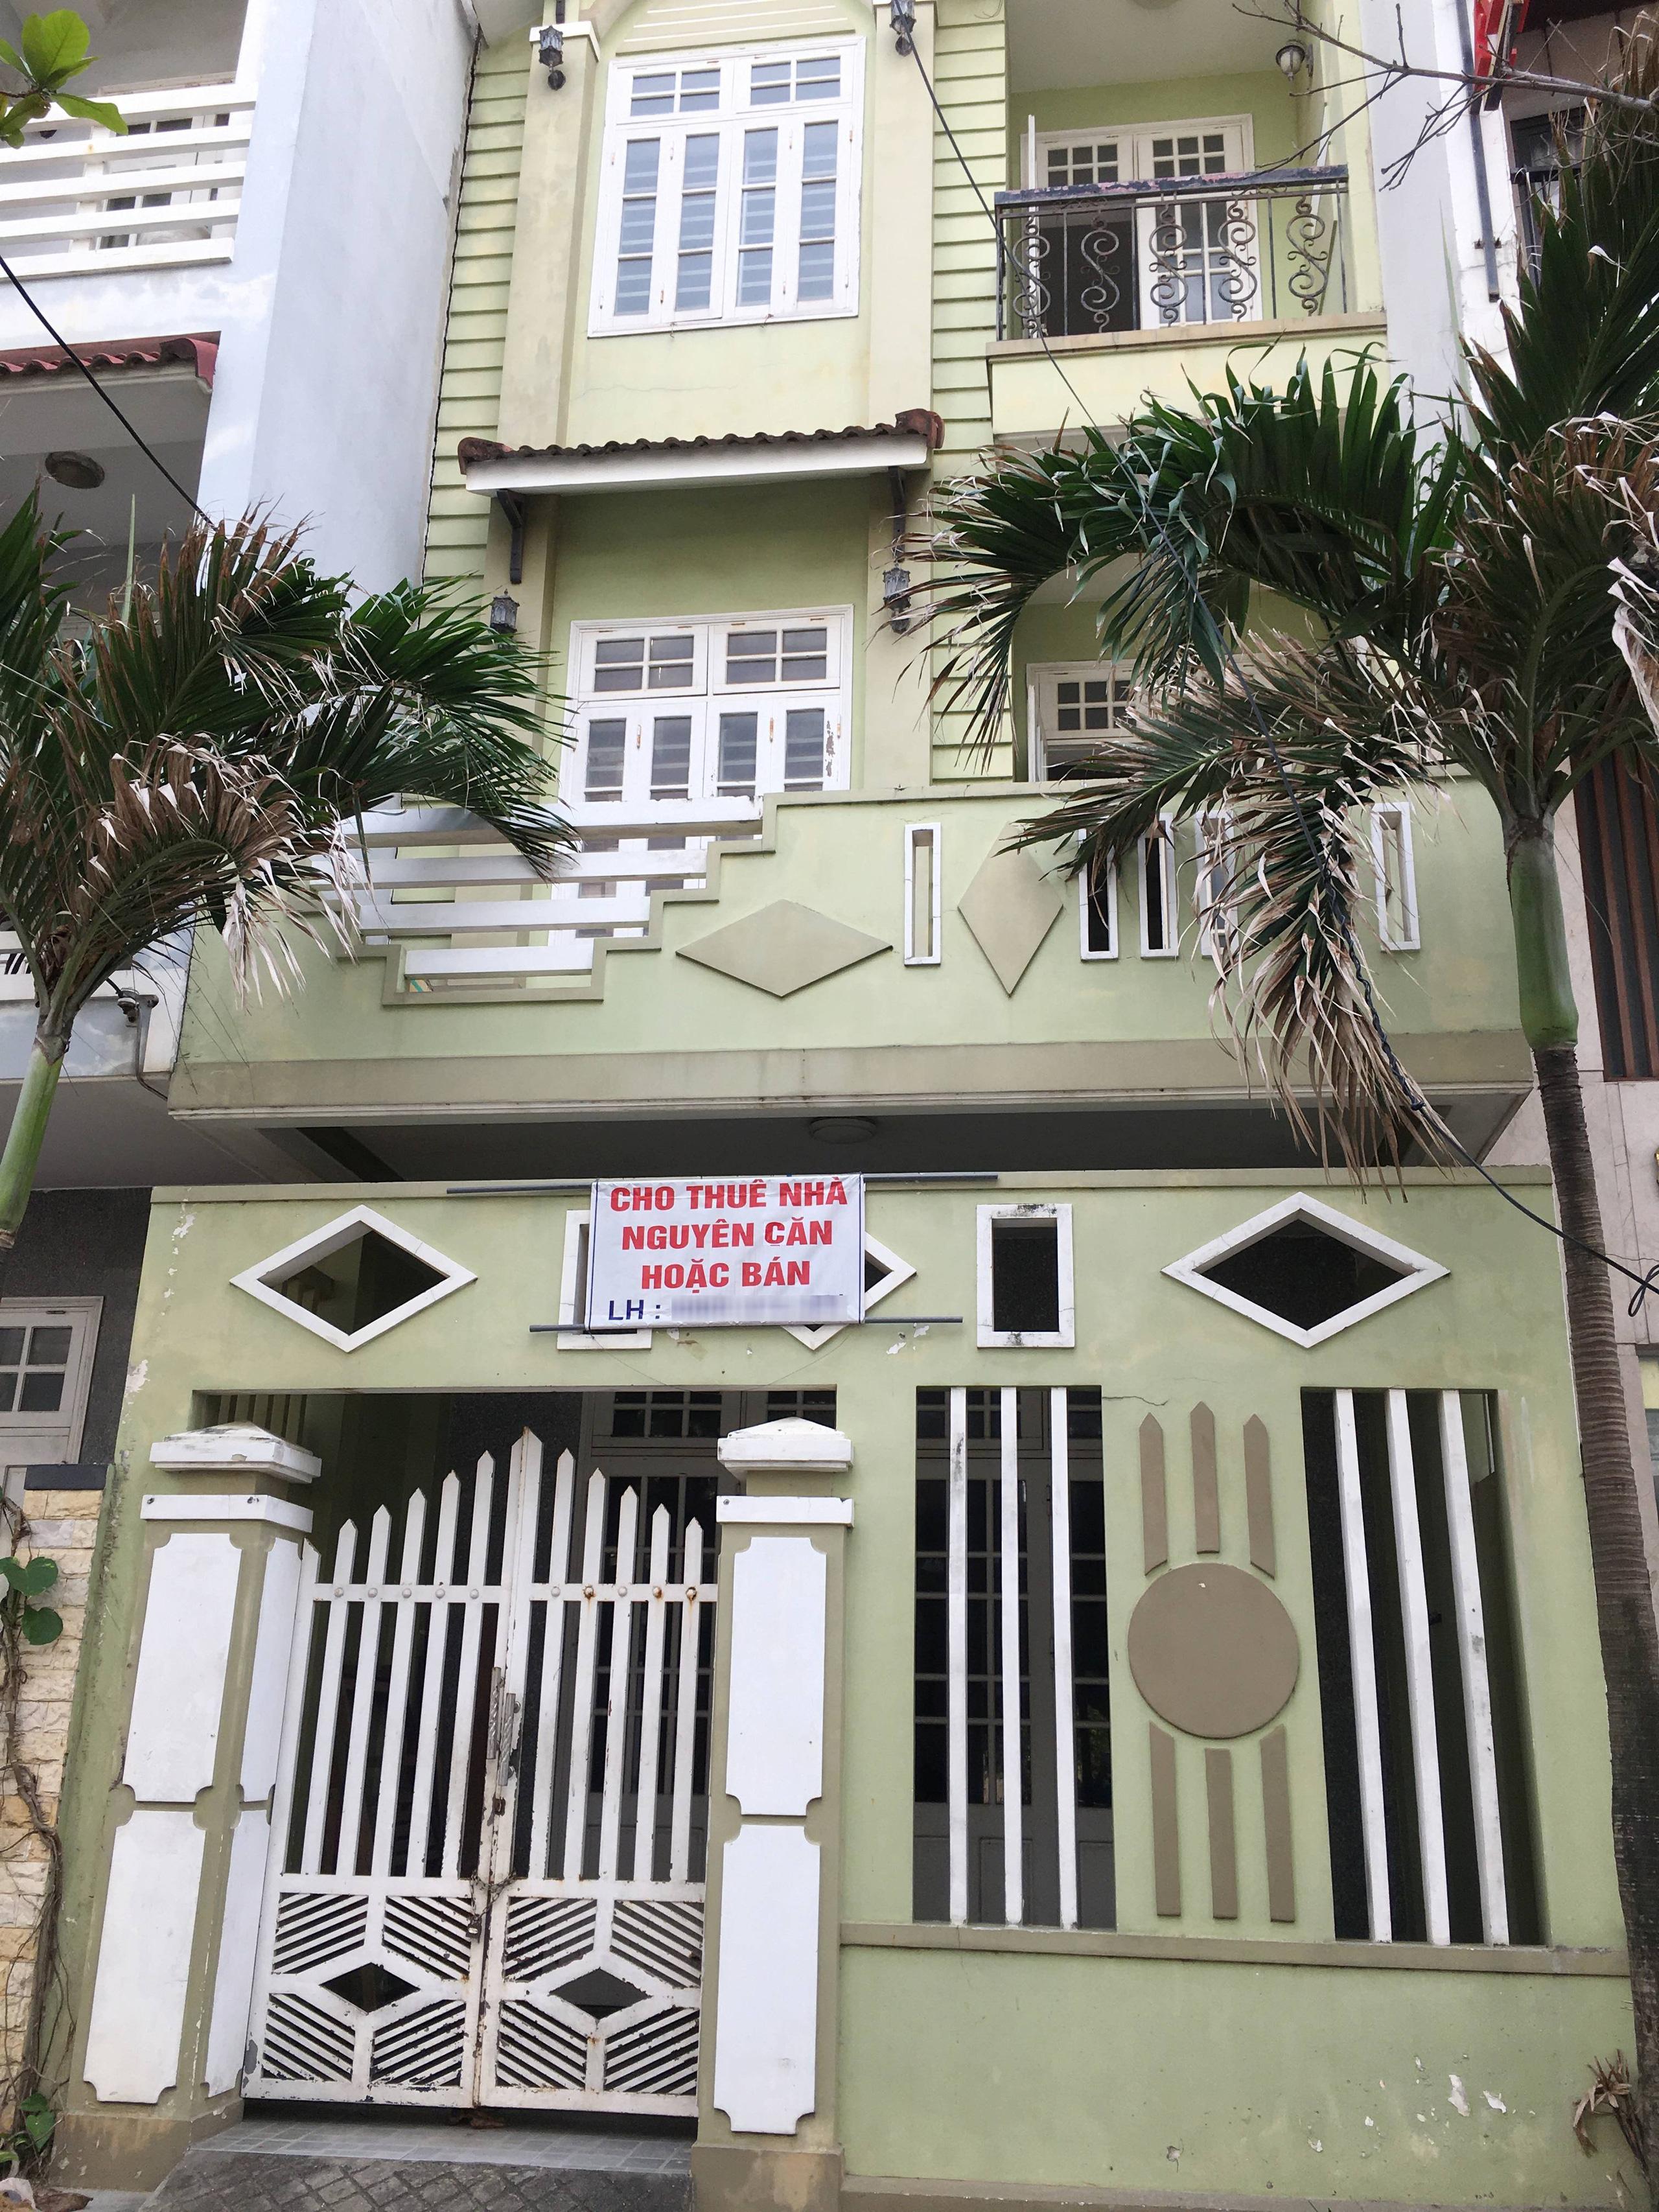 Rao bán nhà ồ ạt ở phố Tây Đà Nẵng, thấp nhất 110 triệu/m2 - Ảnh 5.